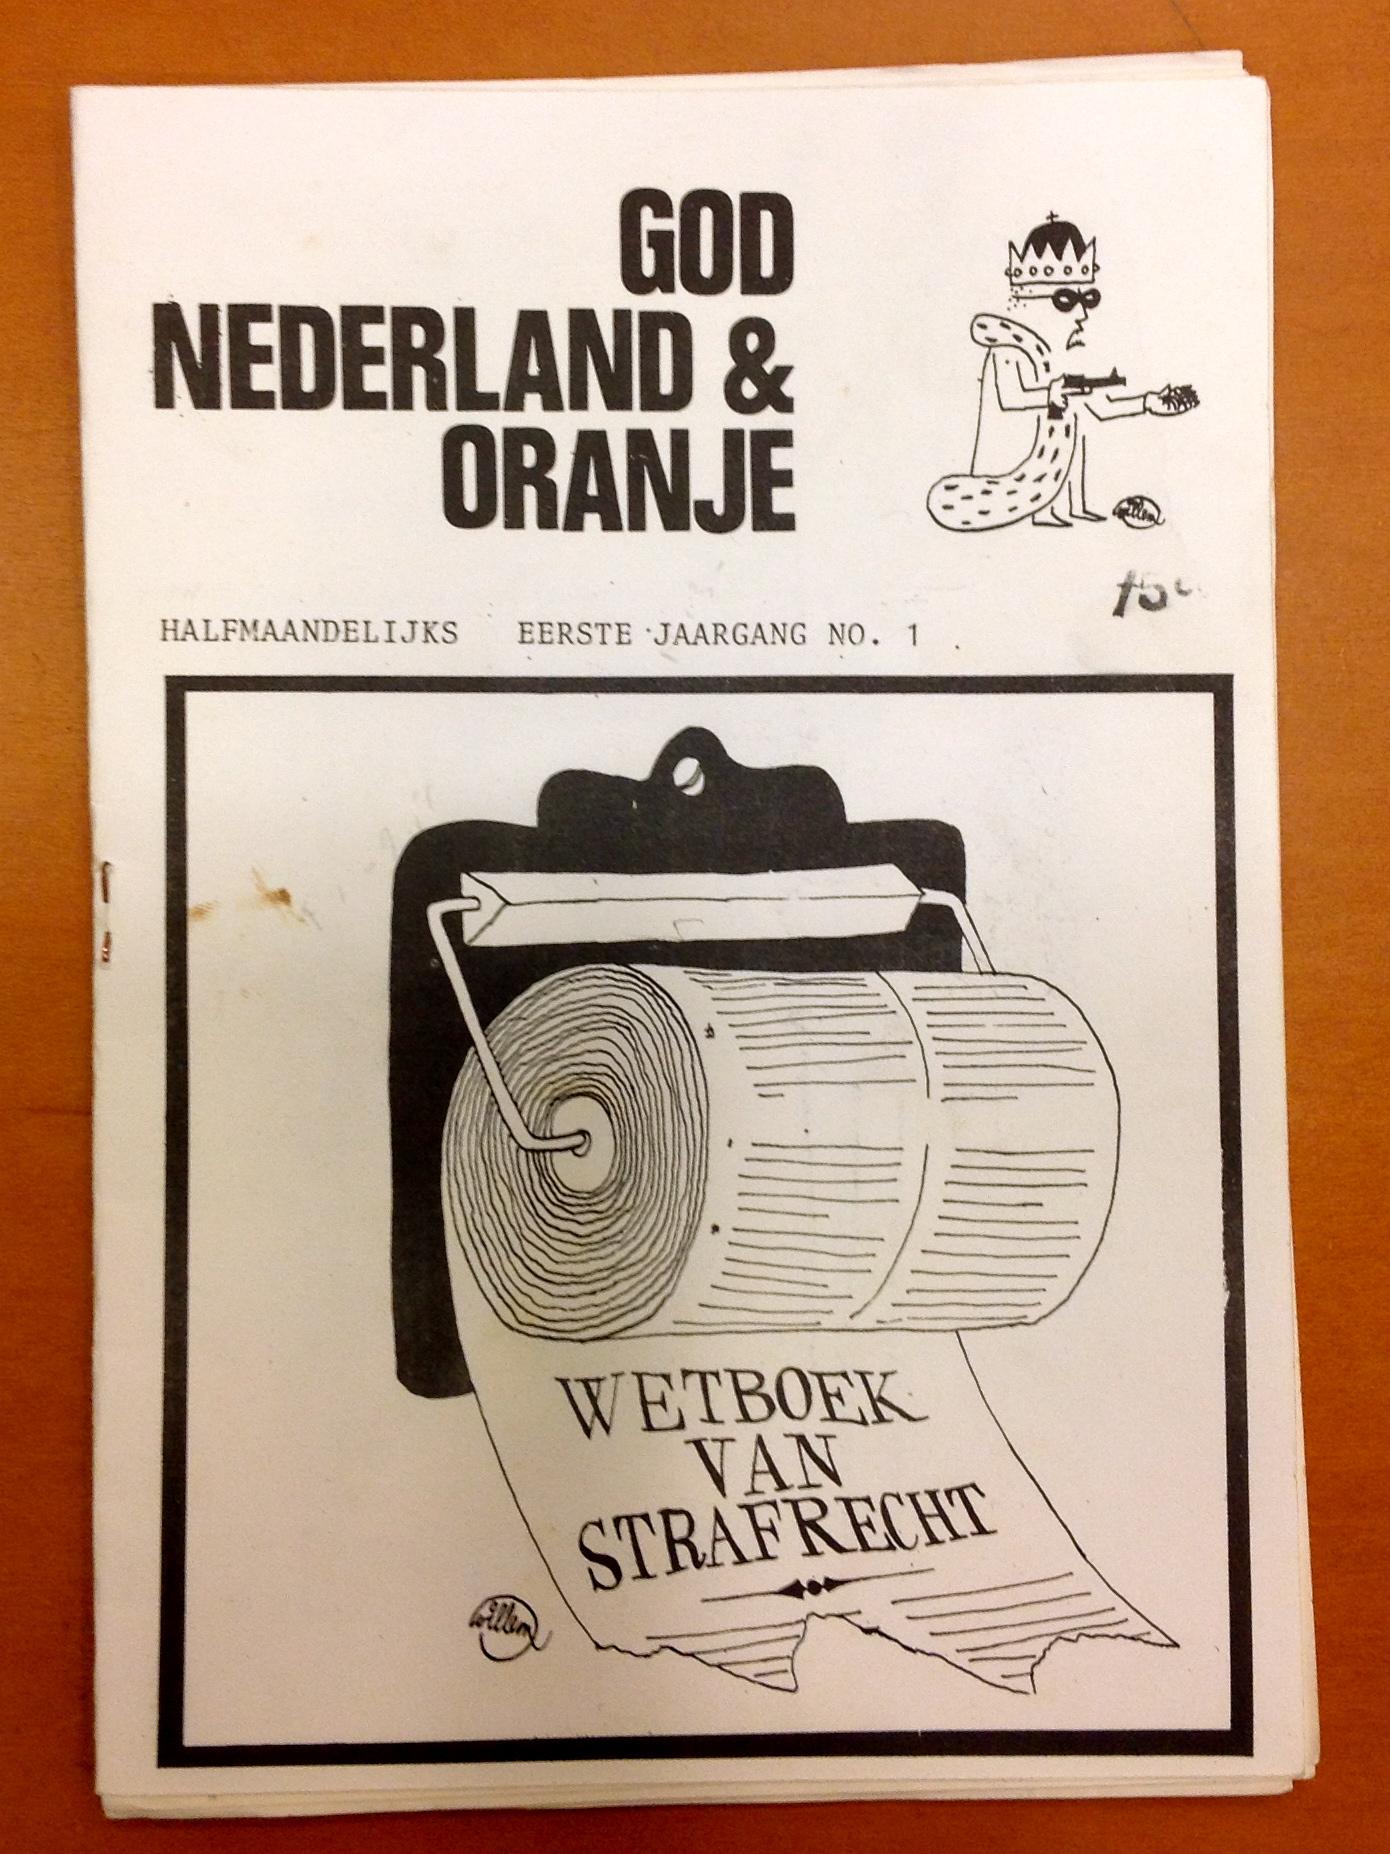 God, Nederland & Oranje 1